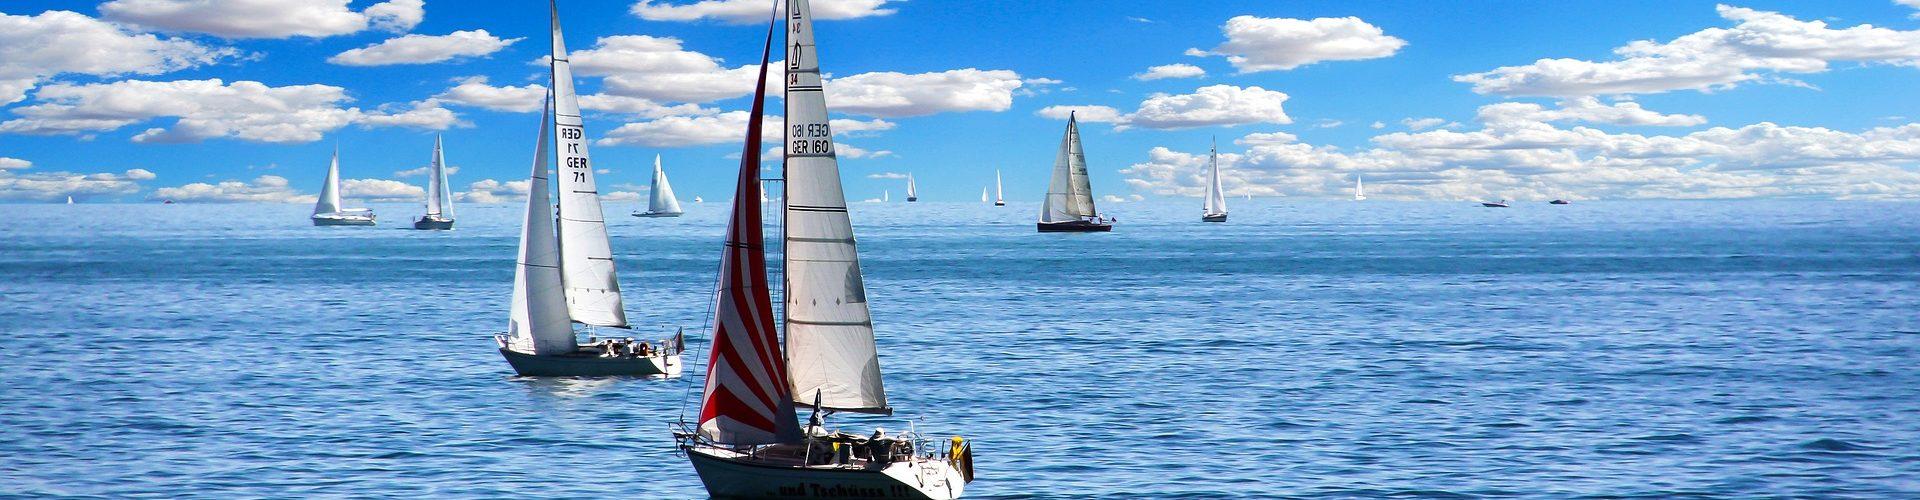 segeln lernen in Gießen segelschein machen in Gießen 1920x500 - Segeln lernen in Gießen